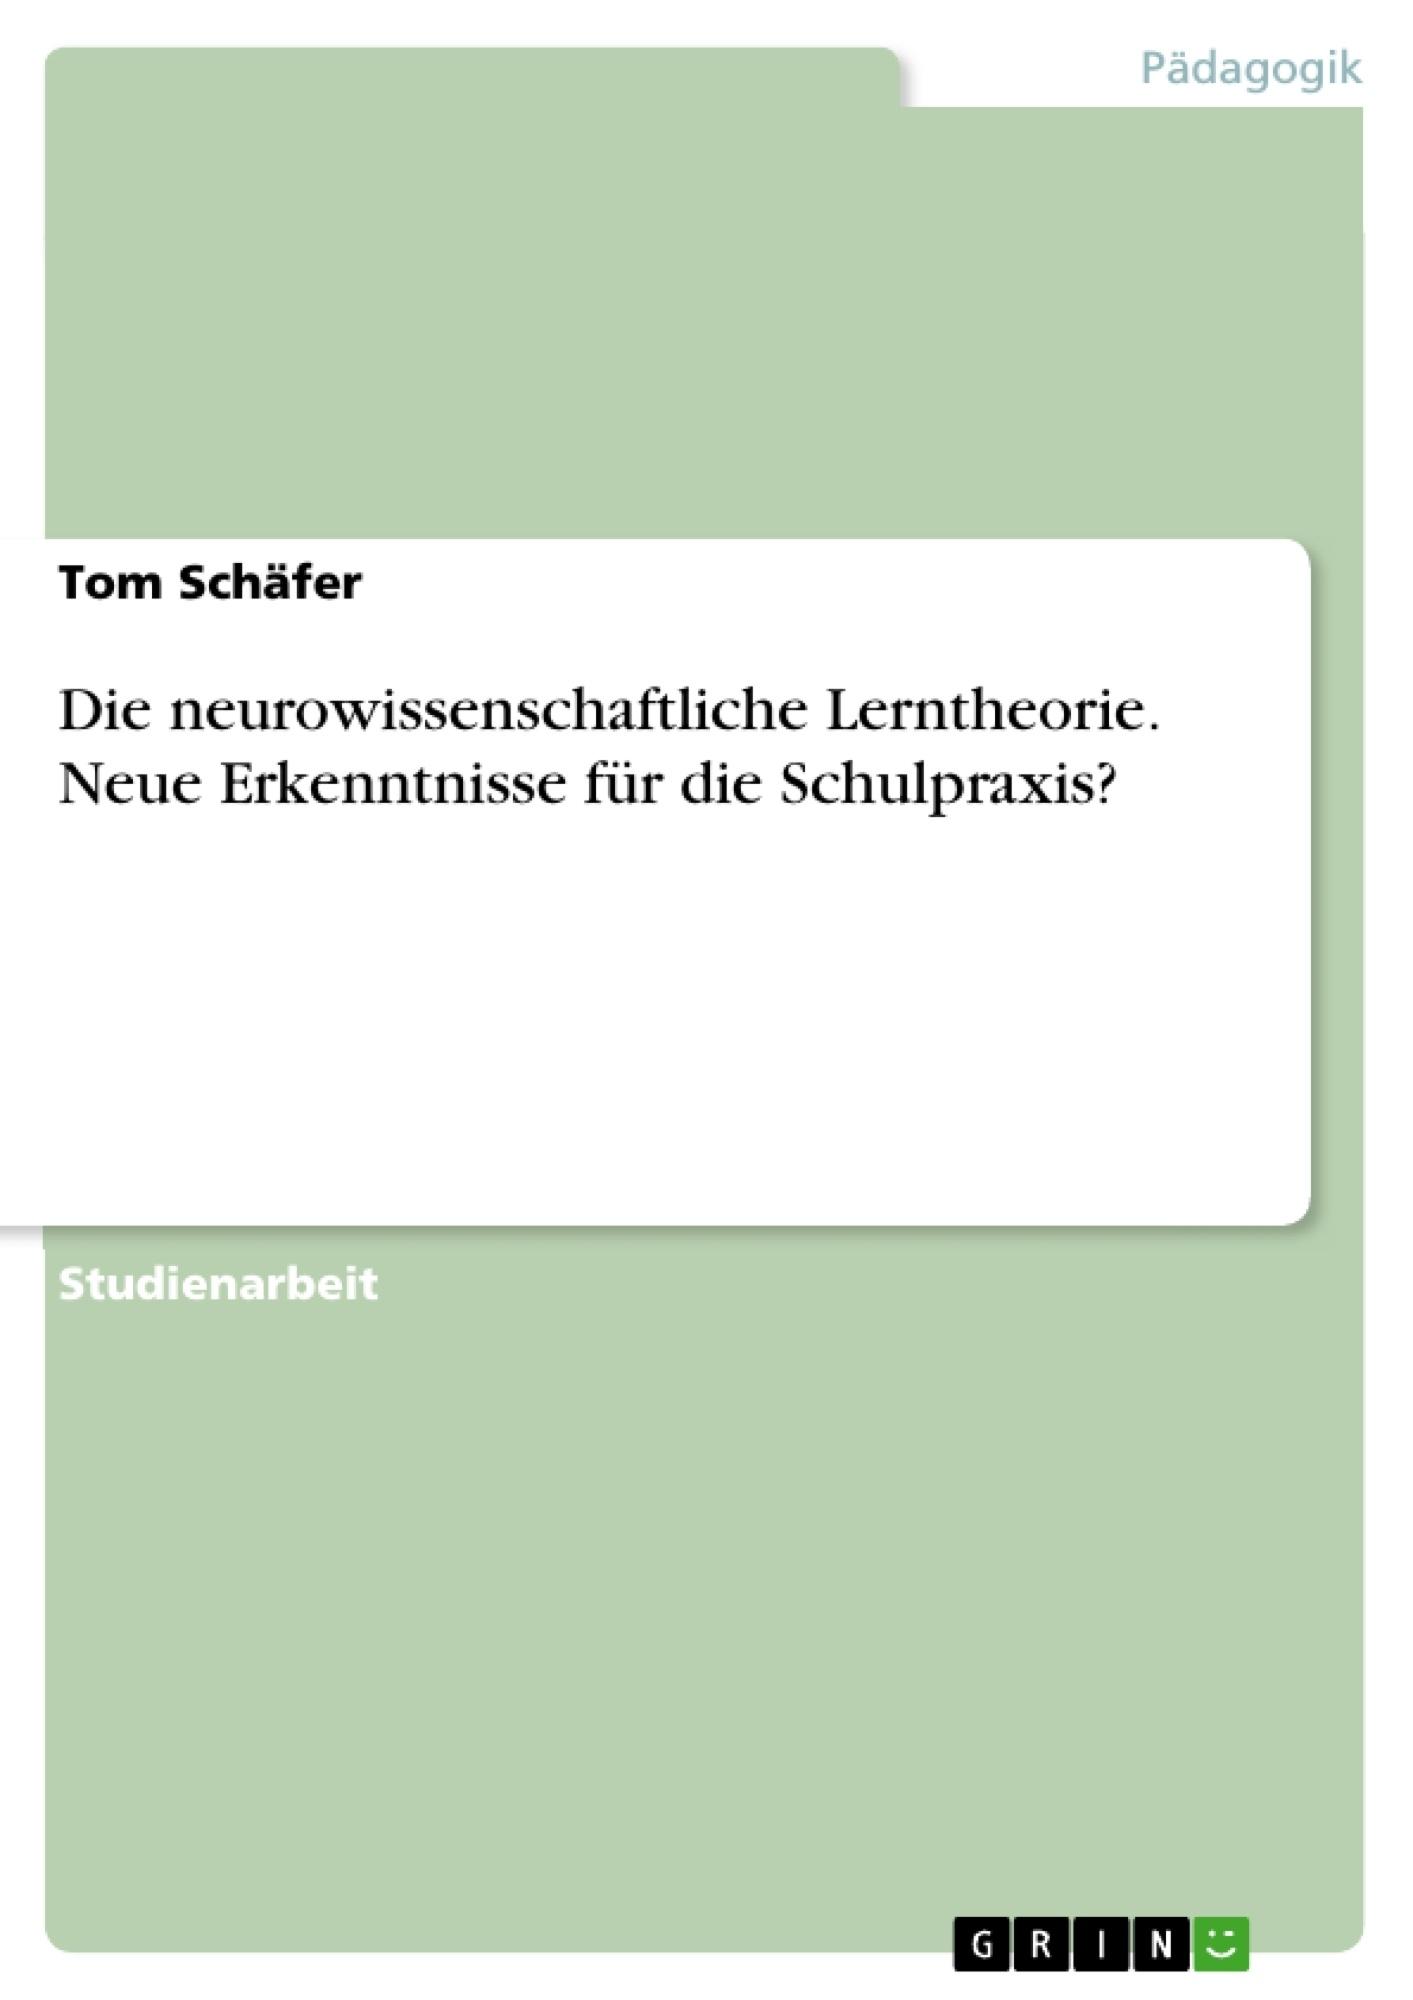 Titel: Die neurowissenschaftliche Lerntheorie. Neue Erkenntnisse für die Schulpraxis?